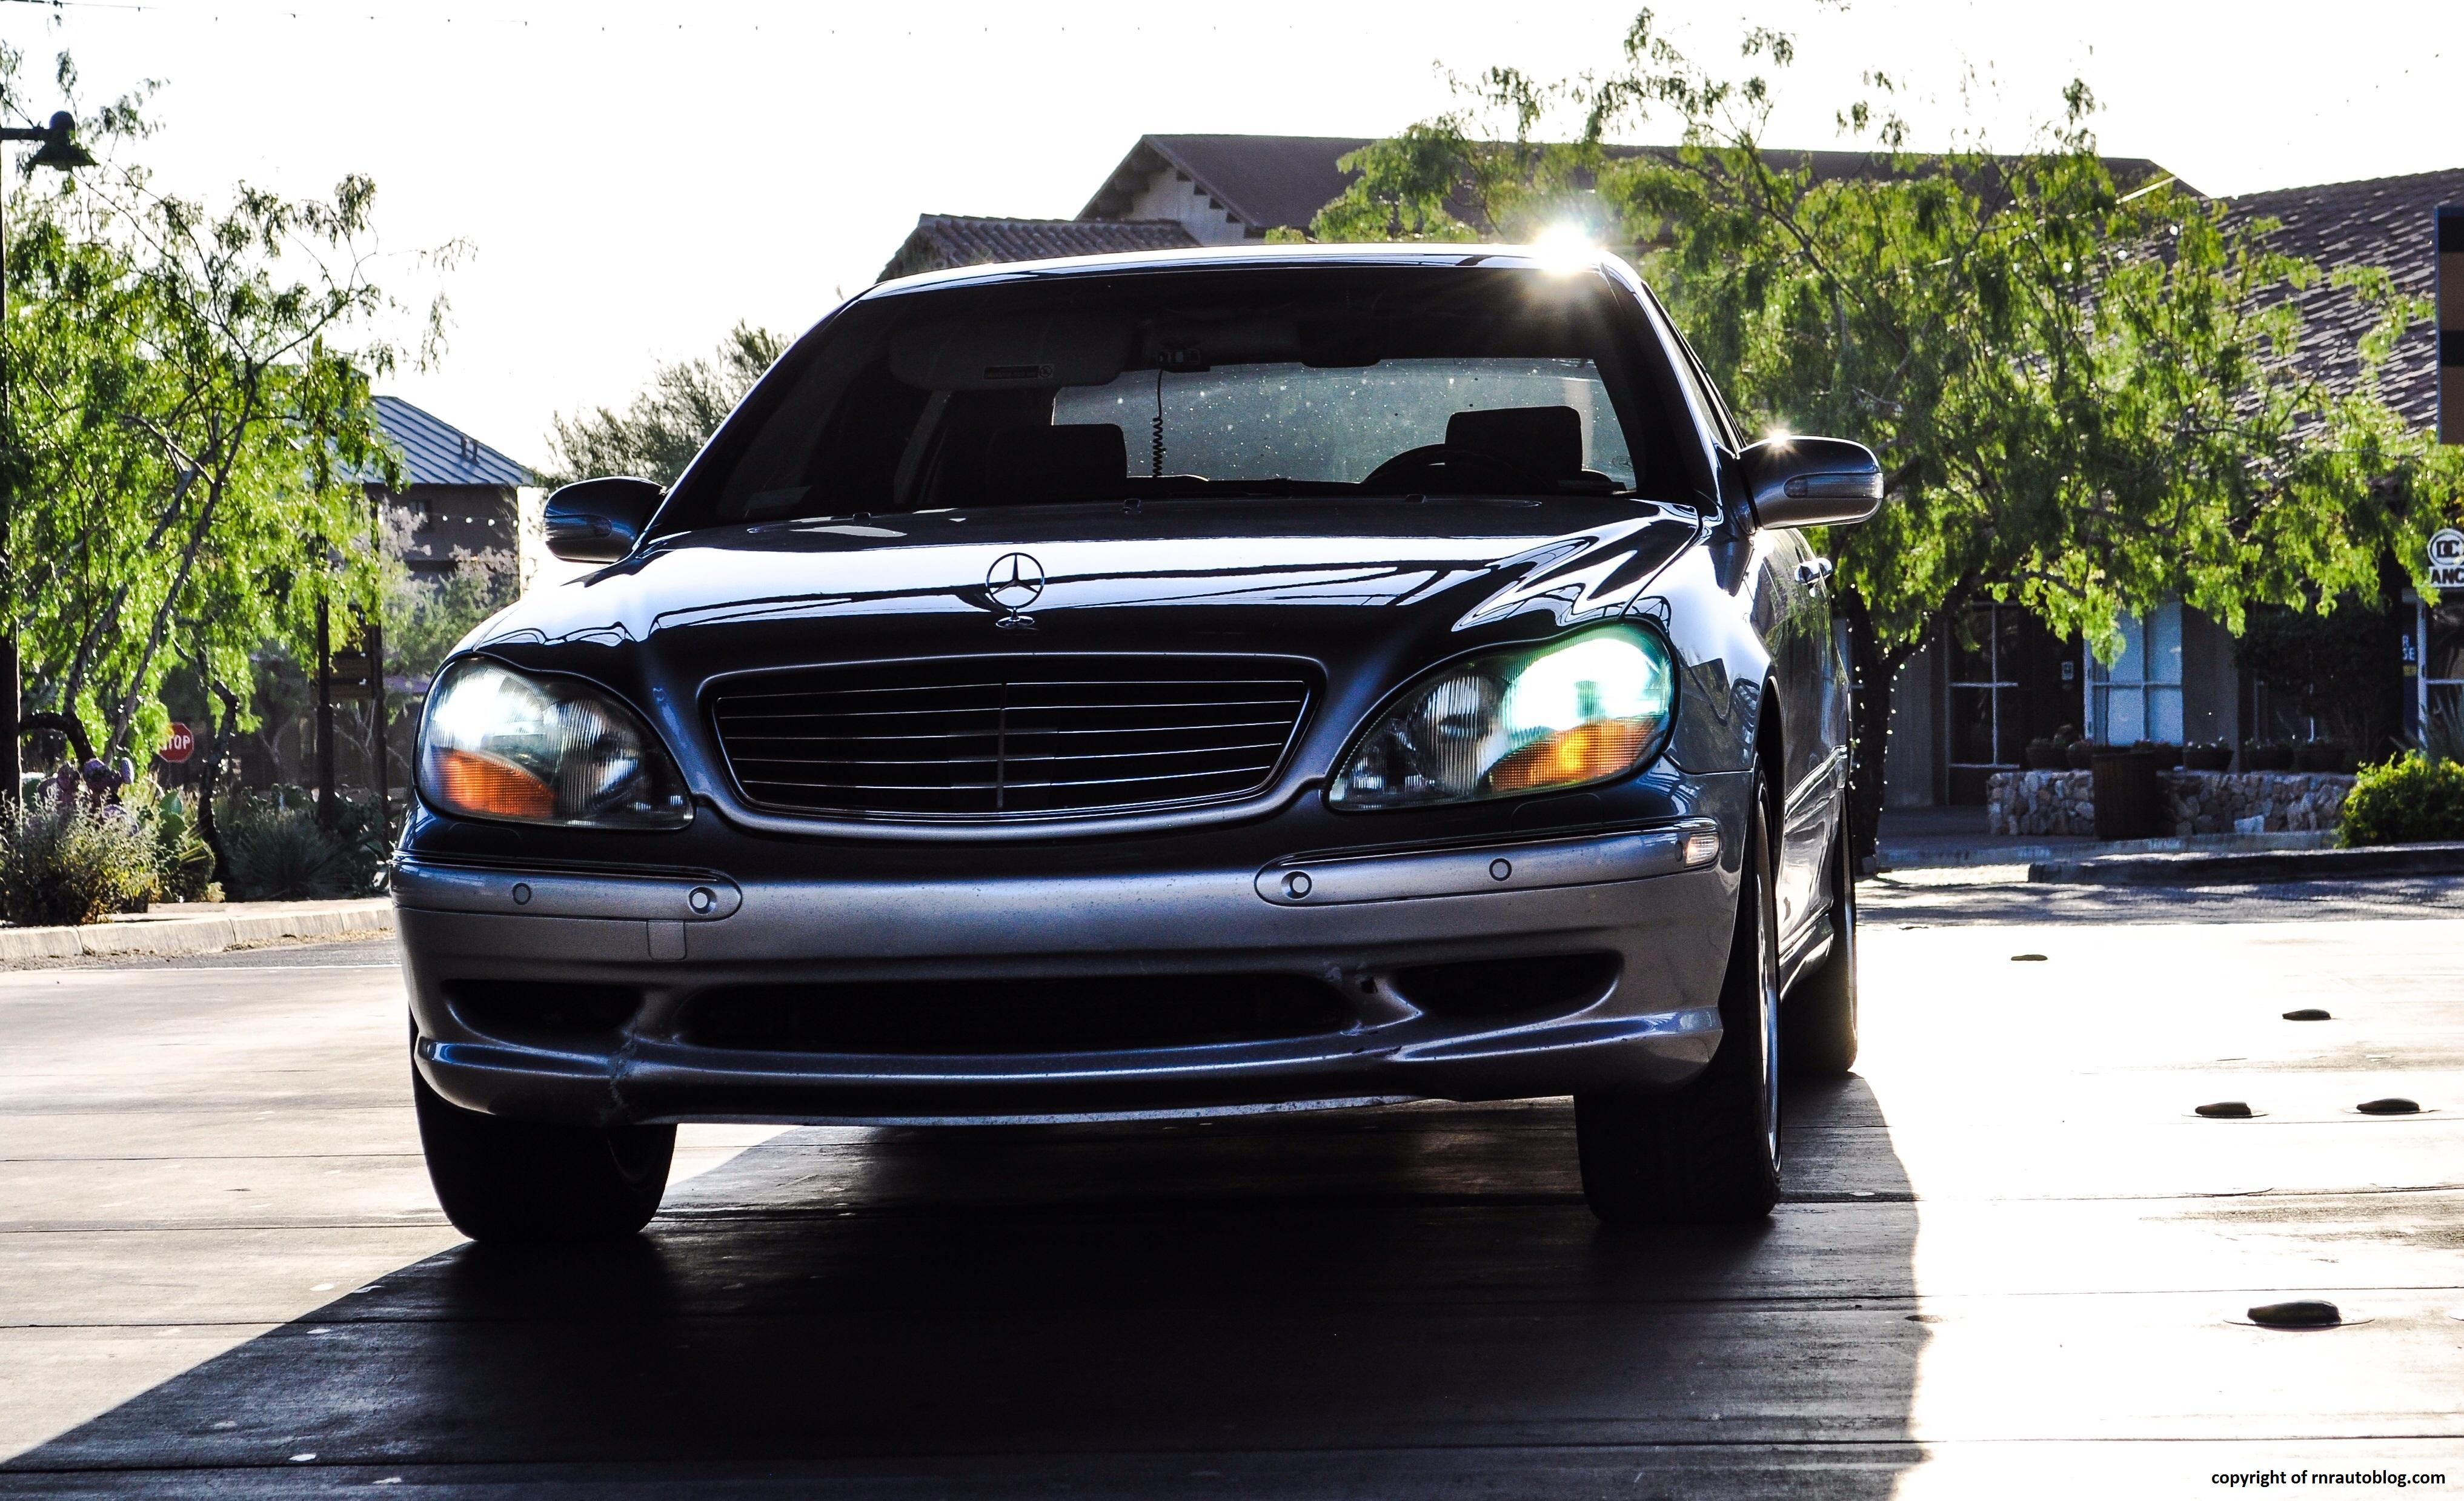 2001 mercedes benz s55 amg review rnr automotive blog s55 14 s55 10 publicscrutiny Images